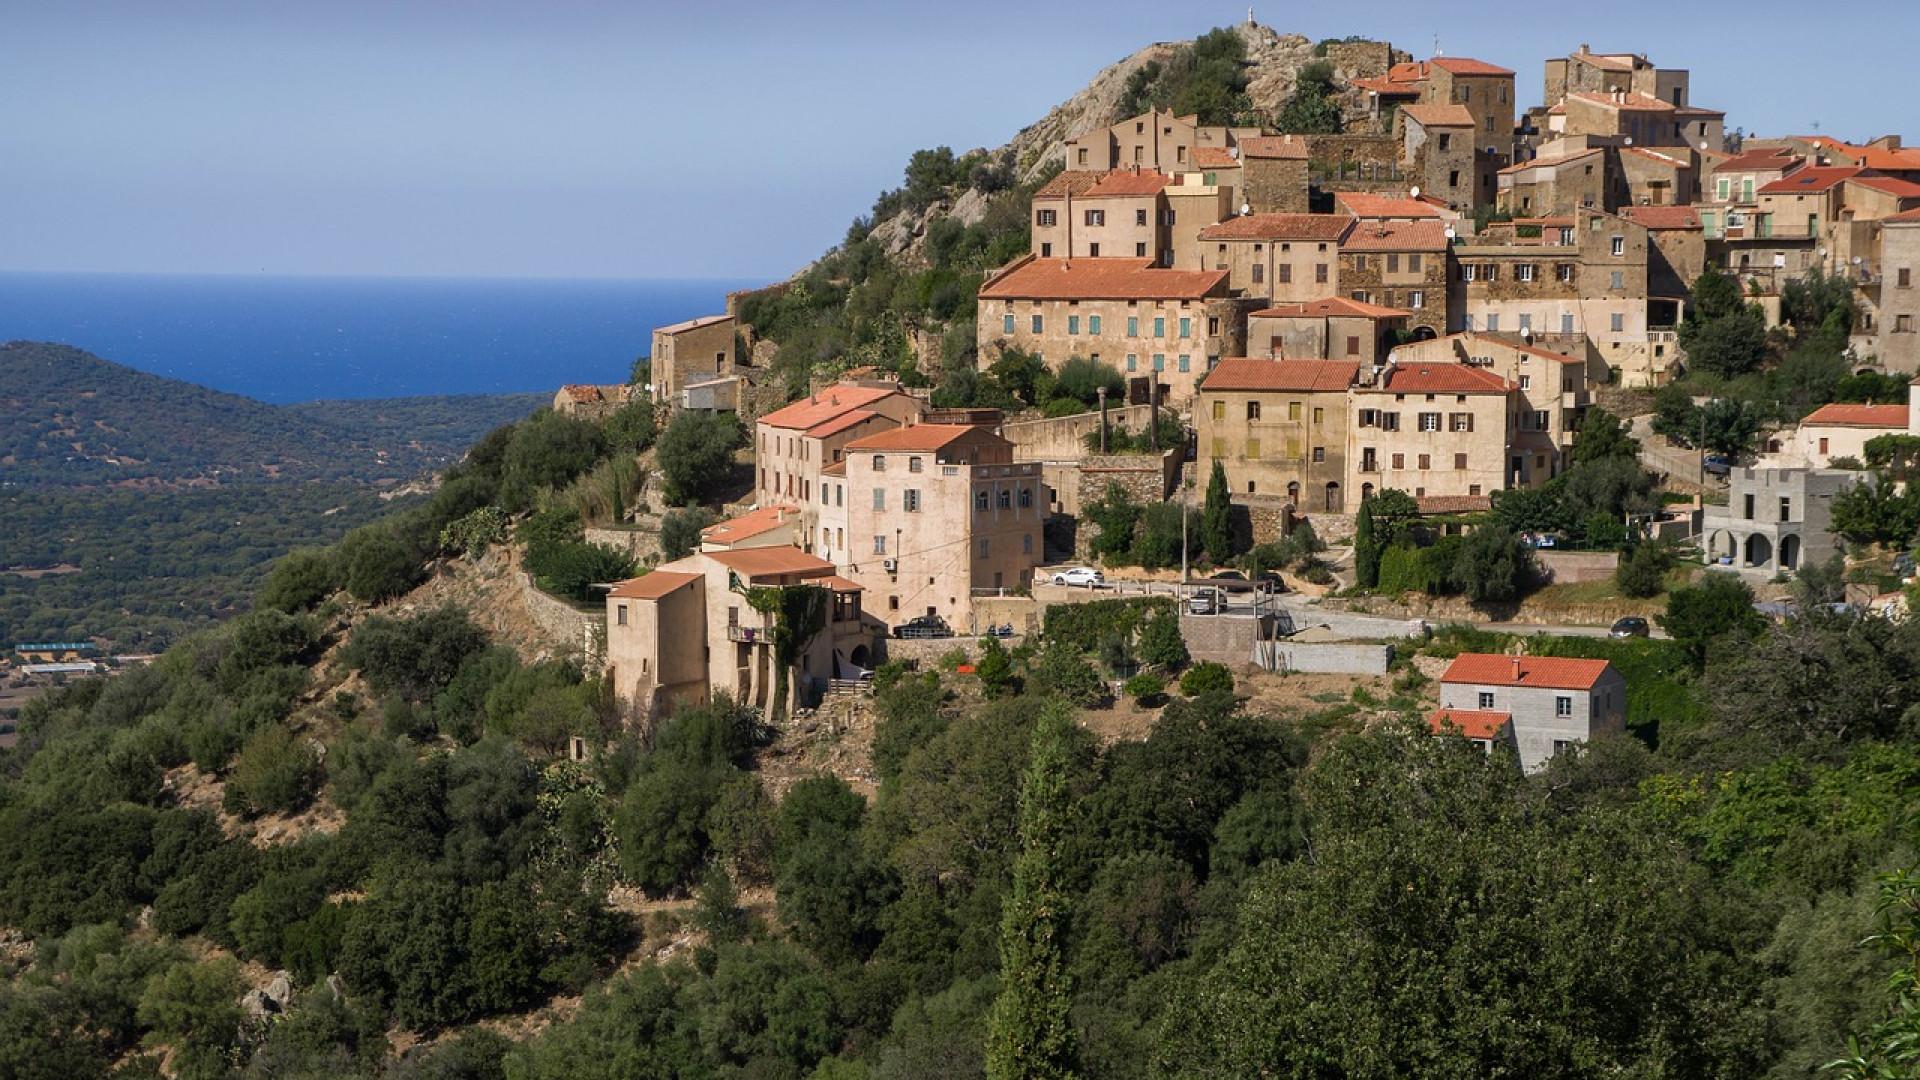 Camping en Corse, une invitation au dépaysement total